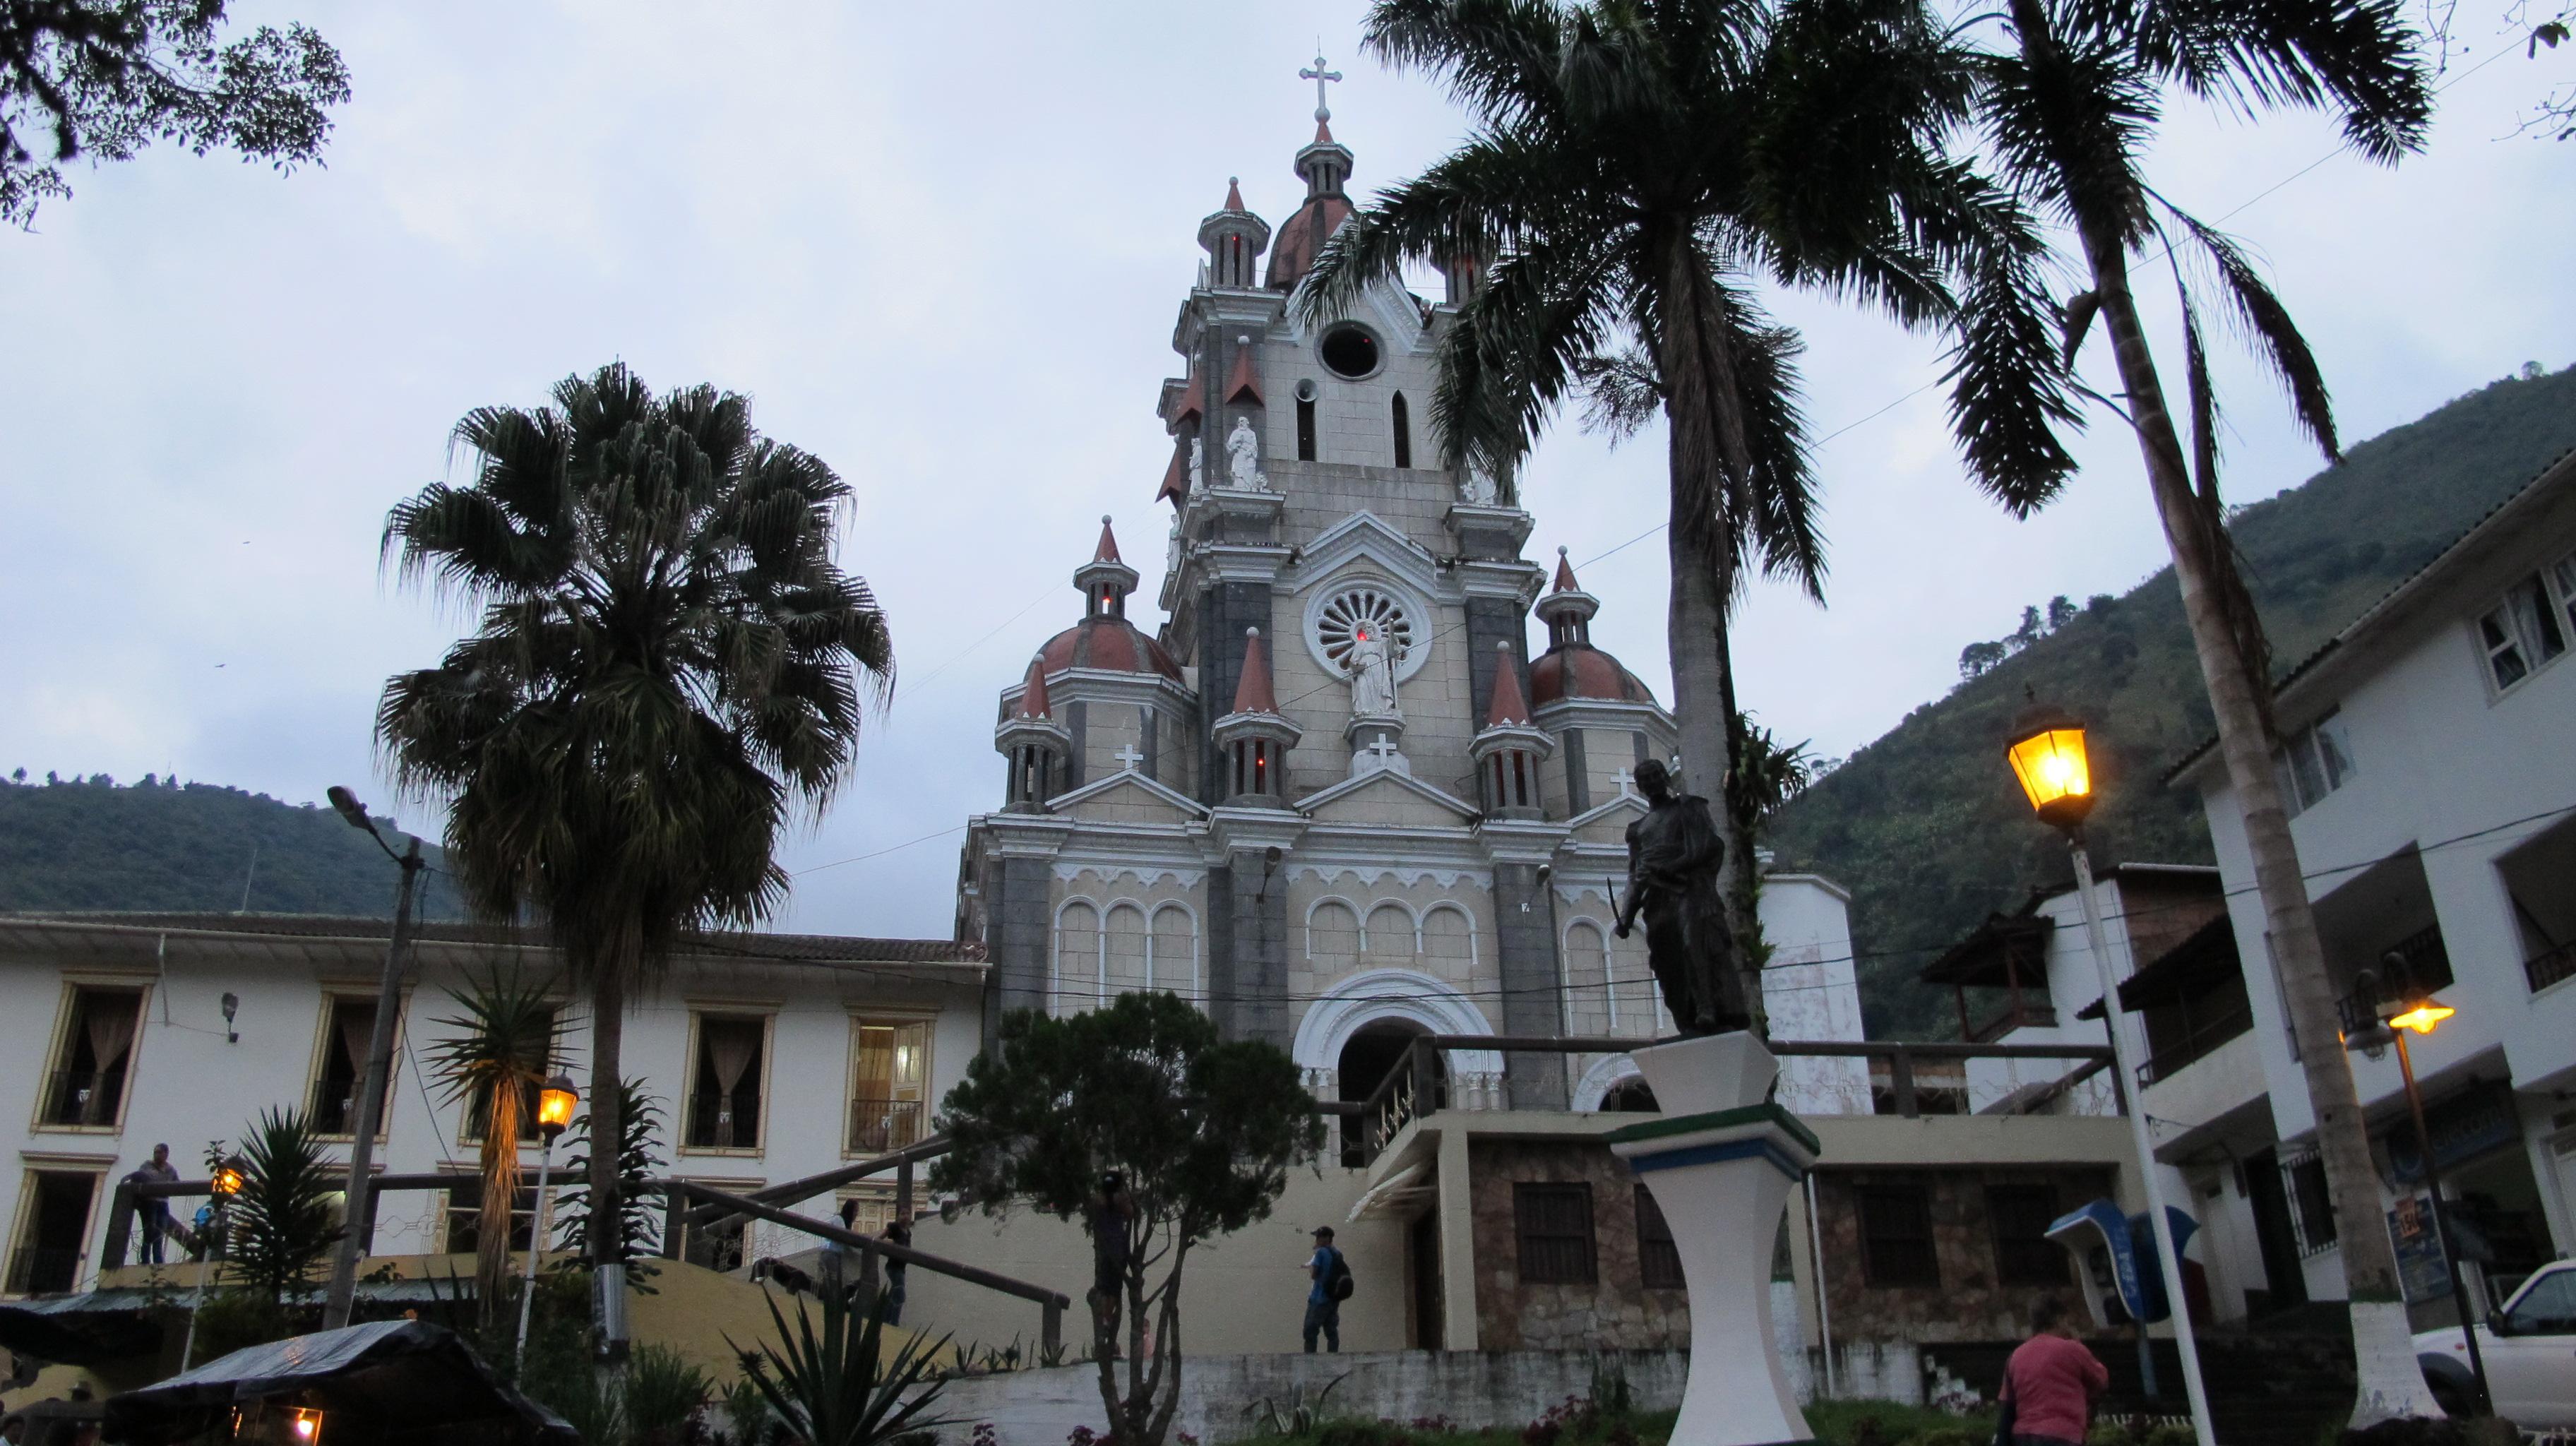 Iglesia principal del municipio de San Andrés de Cuerquia